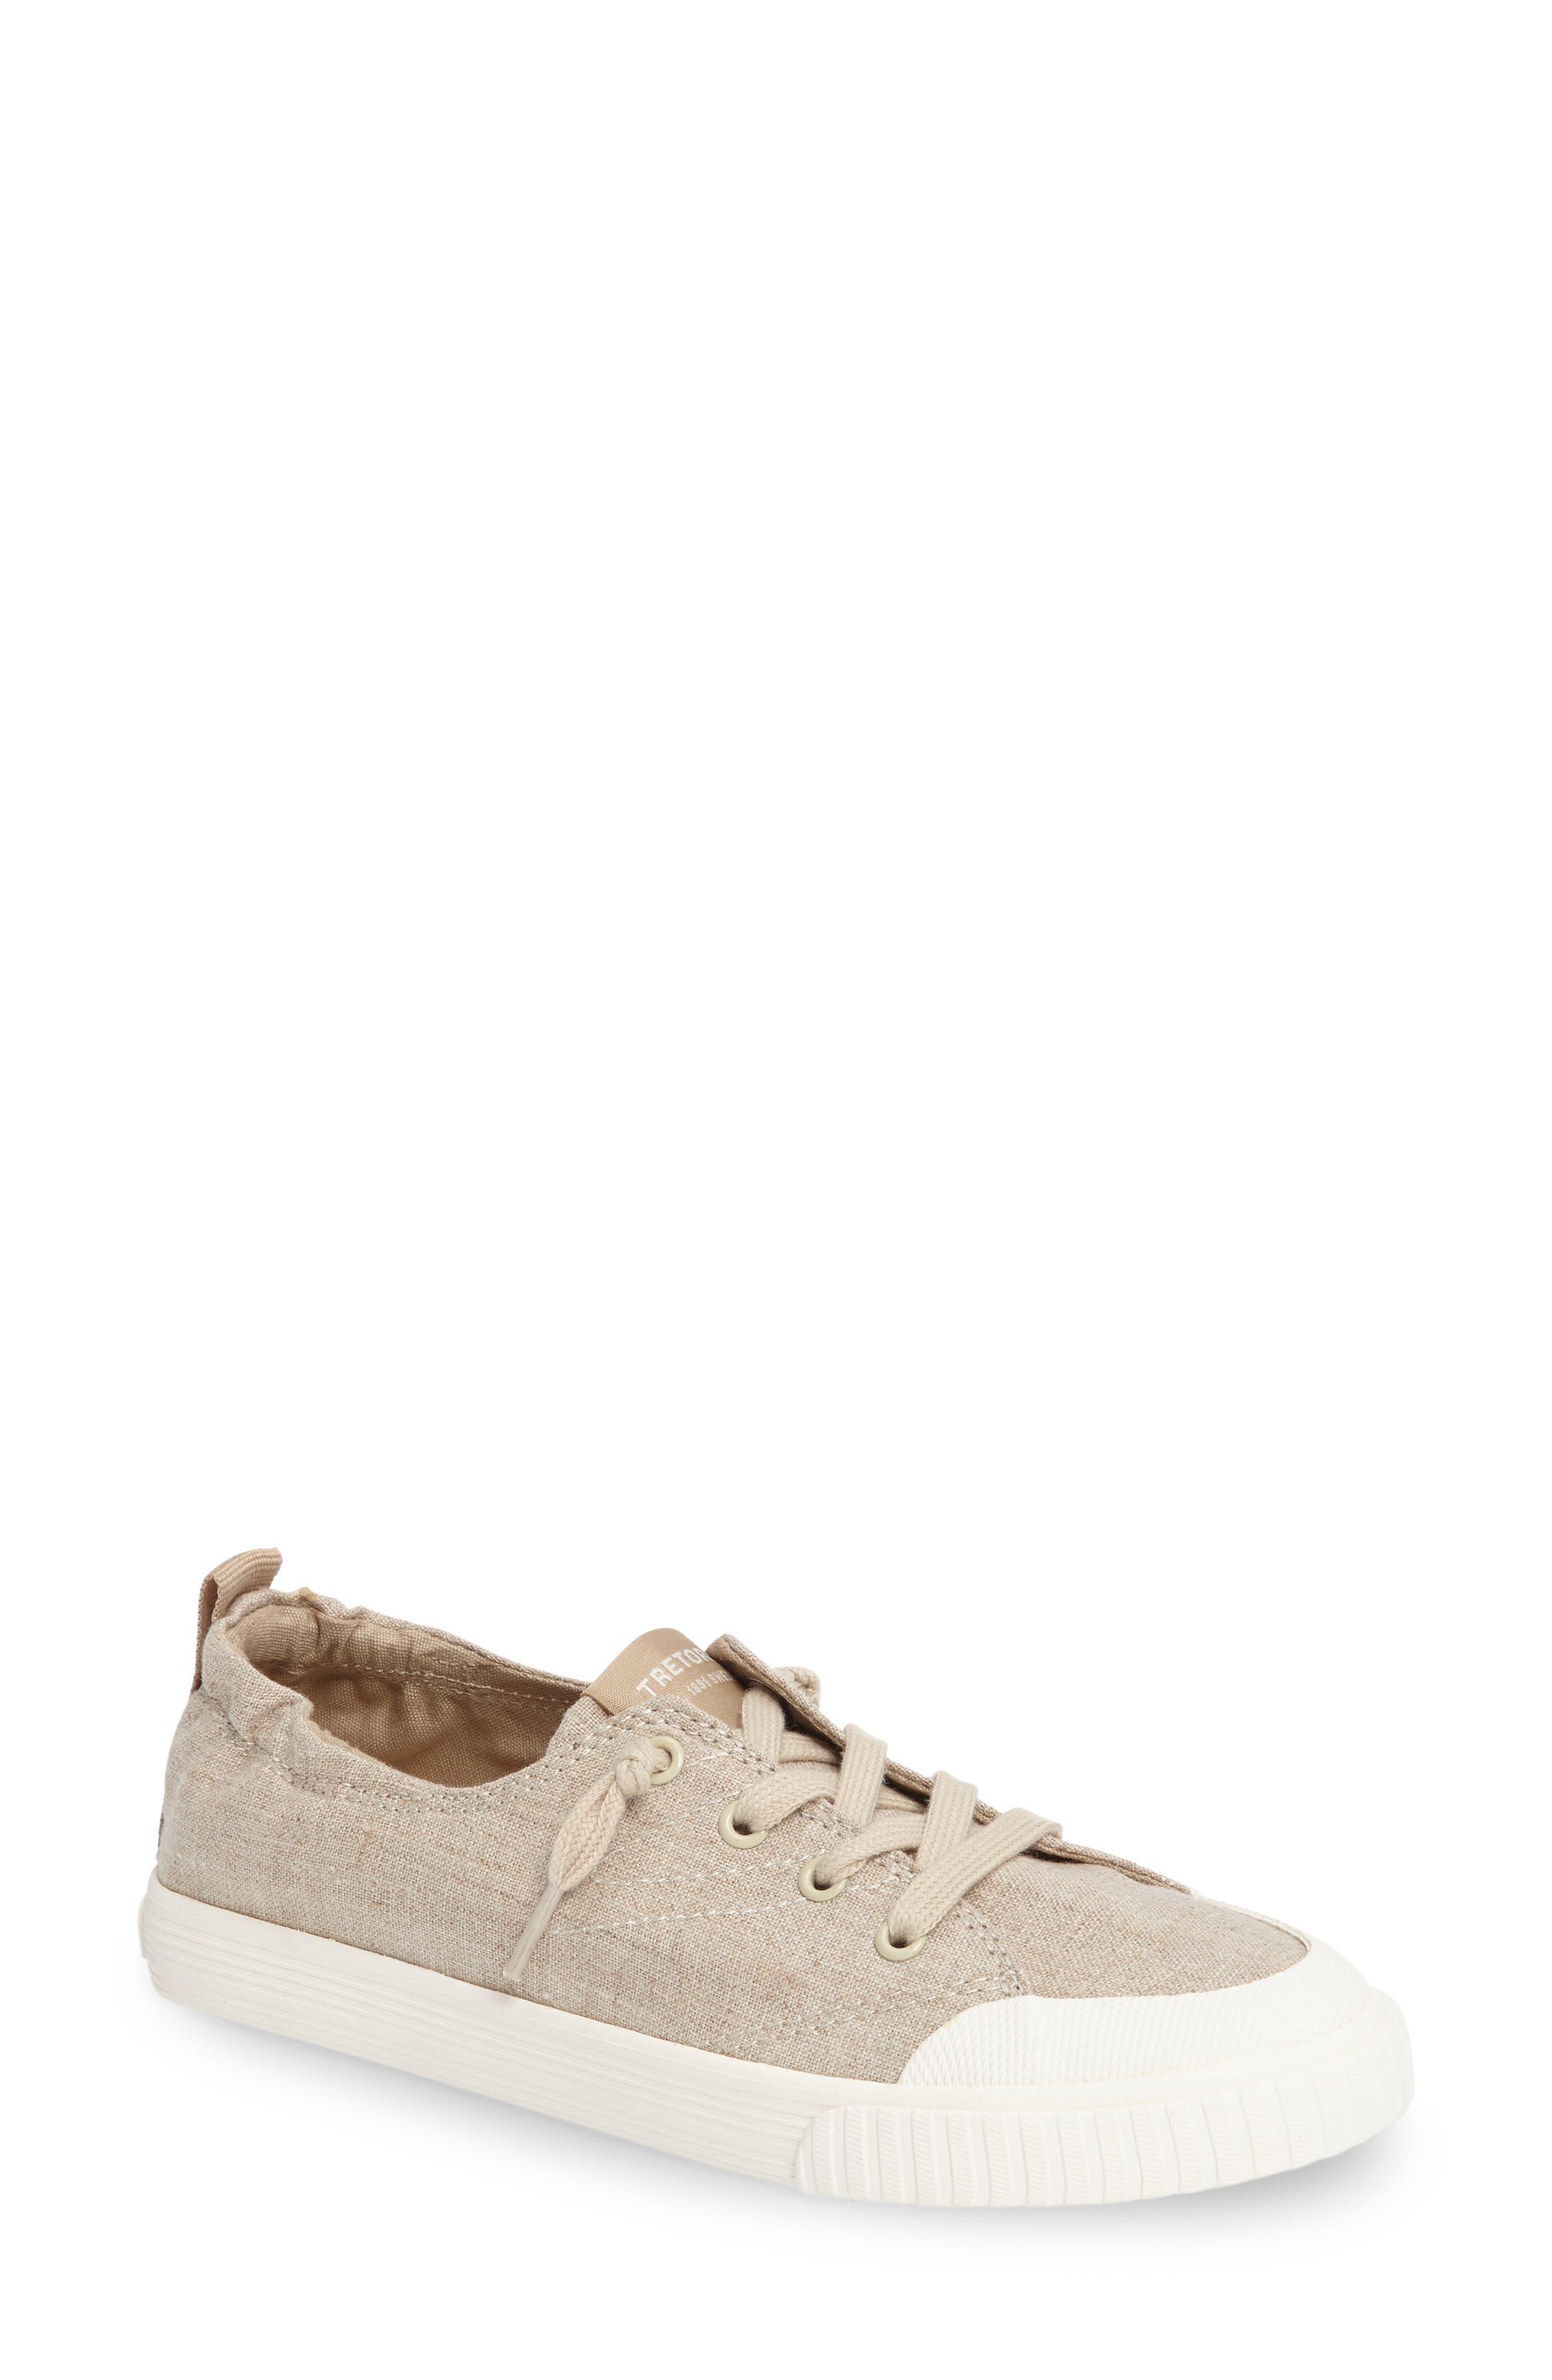 Alternate Image 1 Selected - Tretorn Meg Slip-On Sneaker (Women)